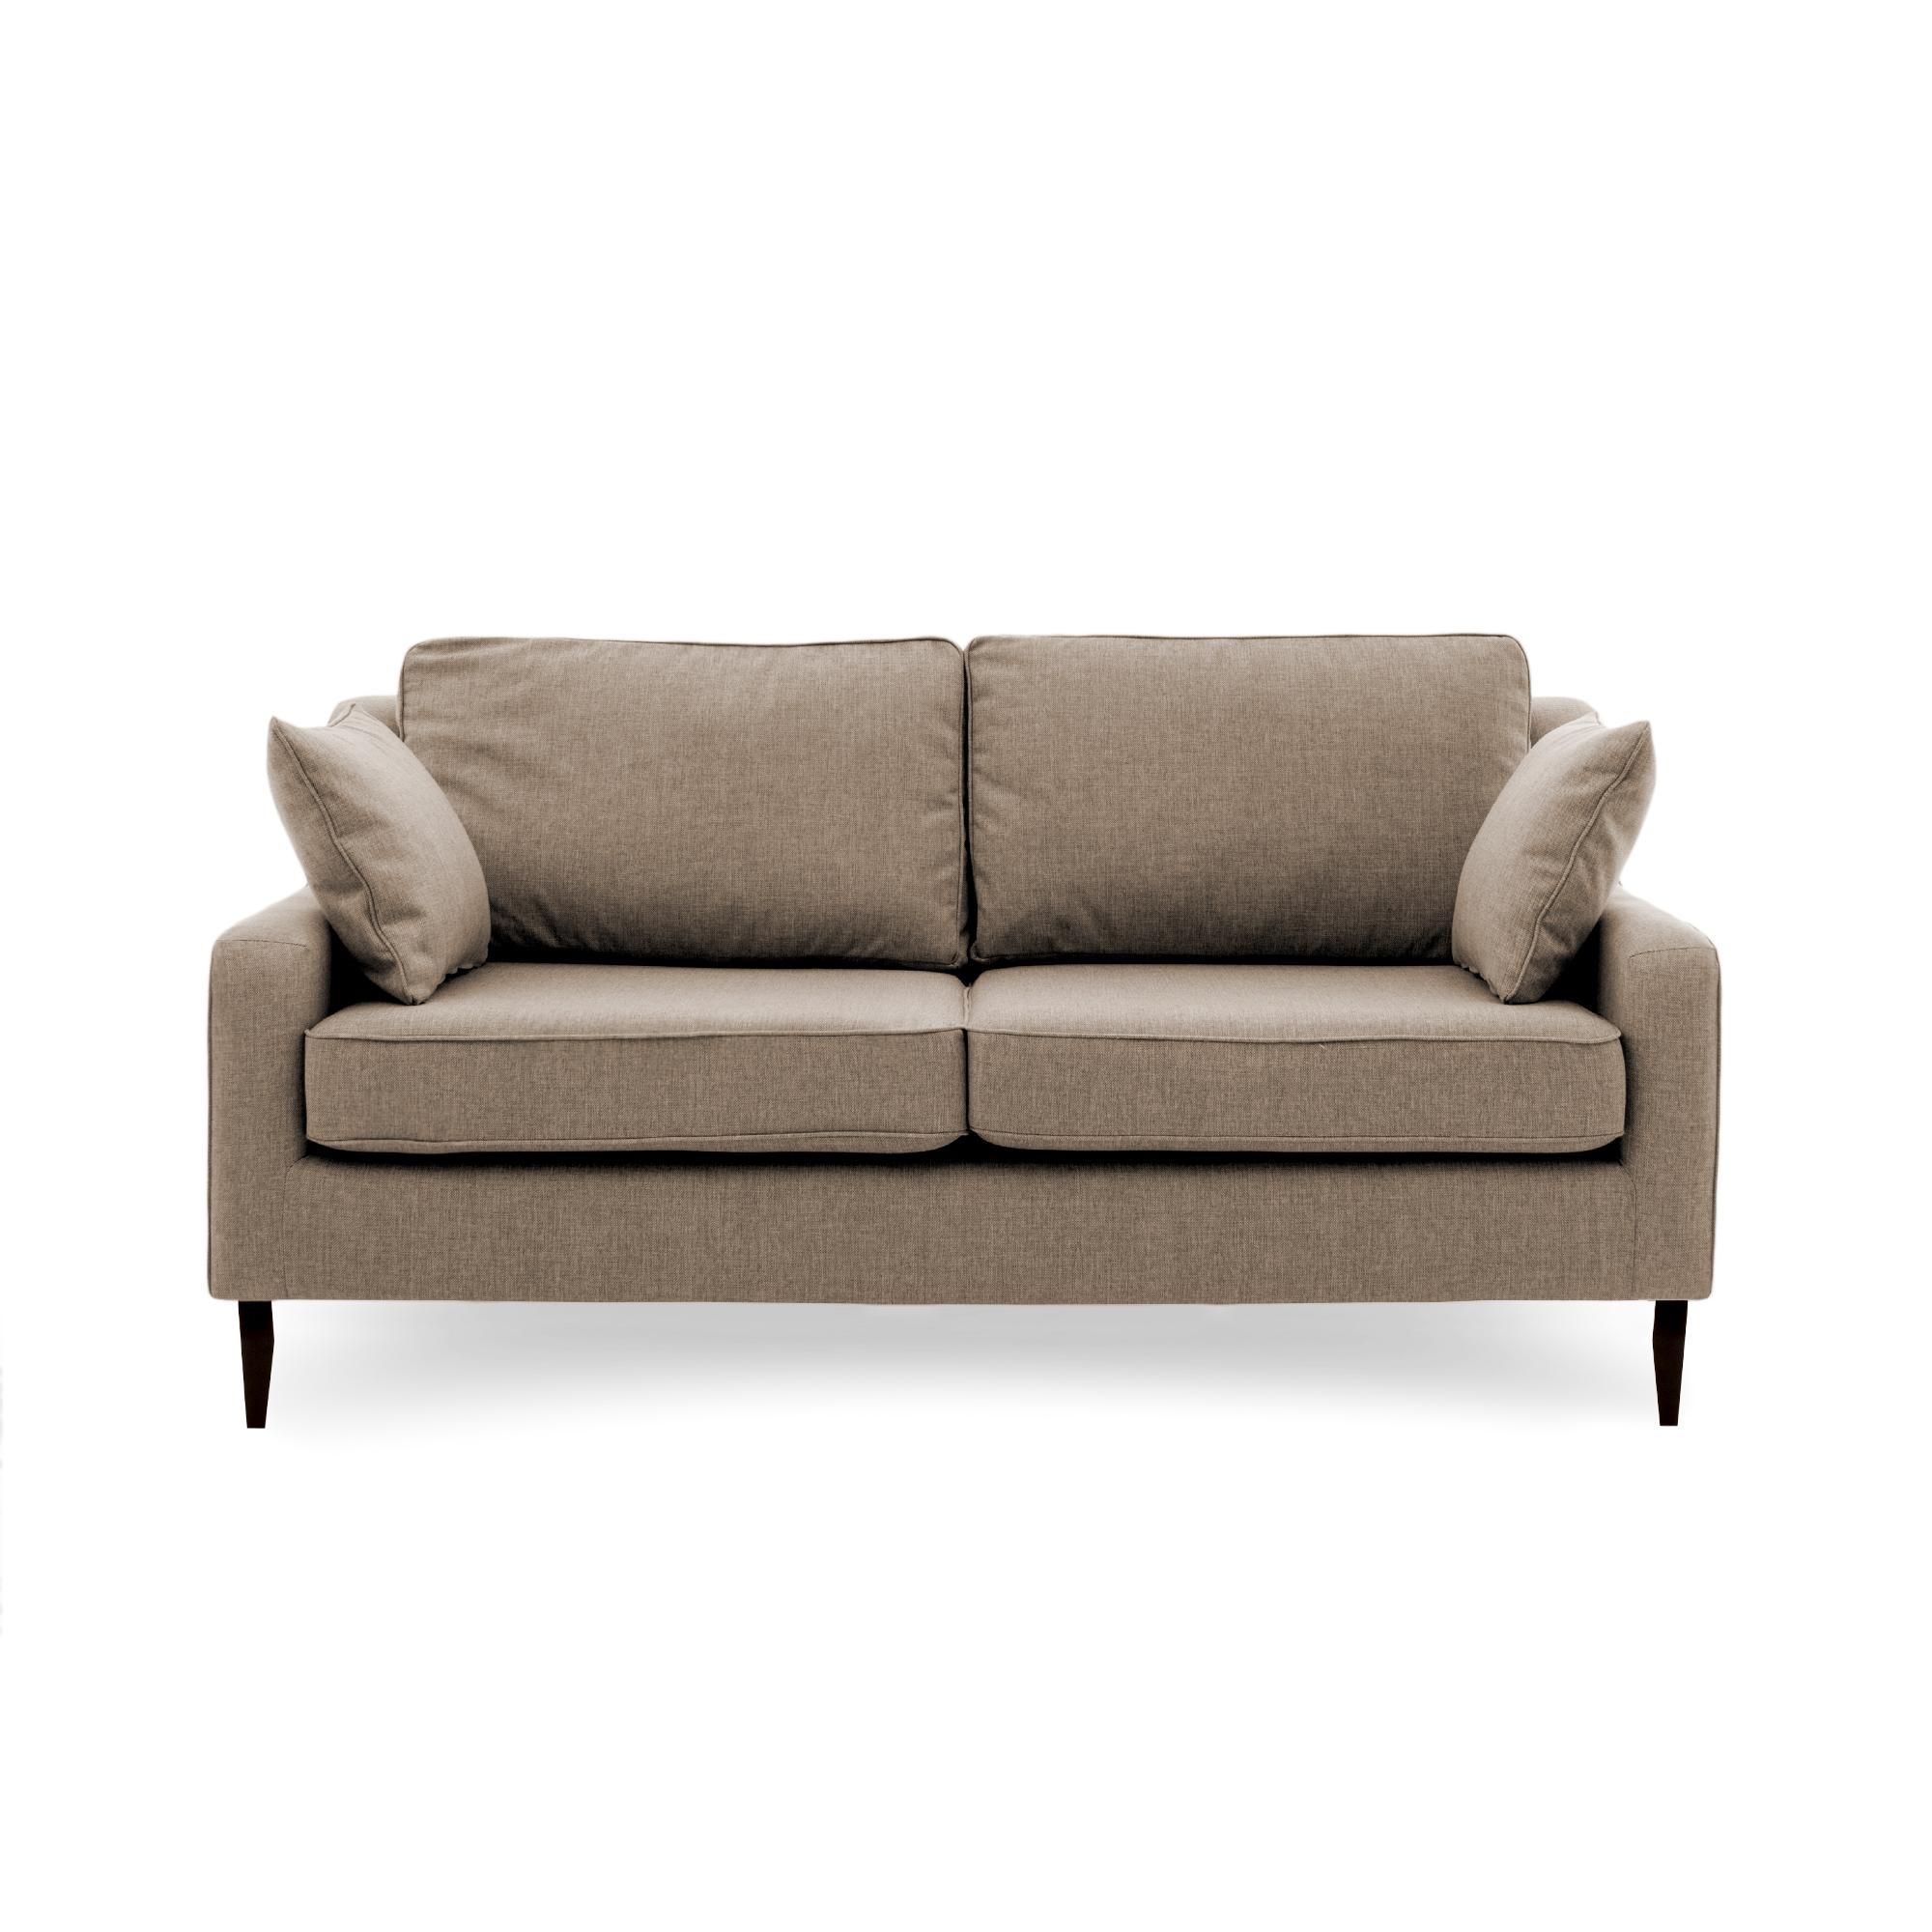 Canapea Fixa 3 locuri Bond Beige